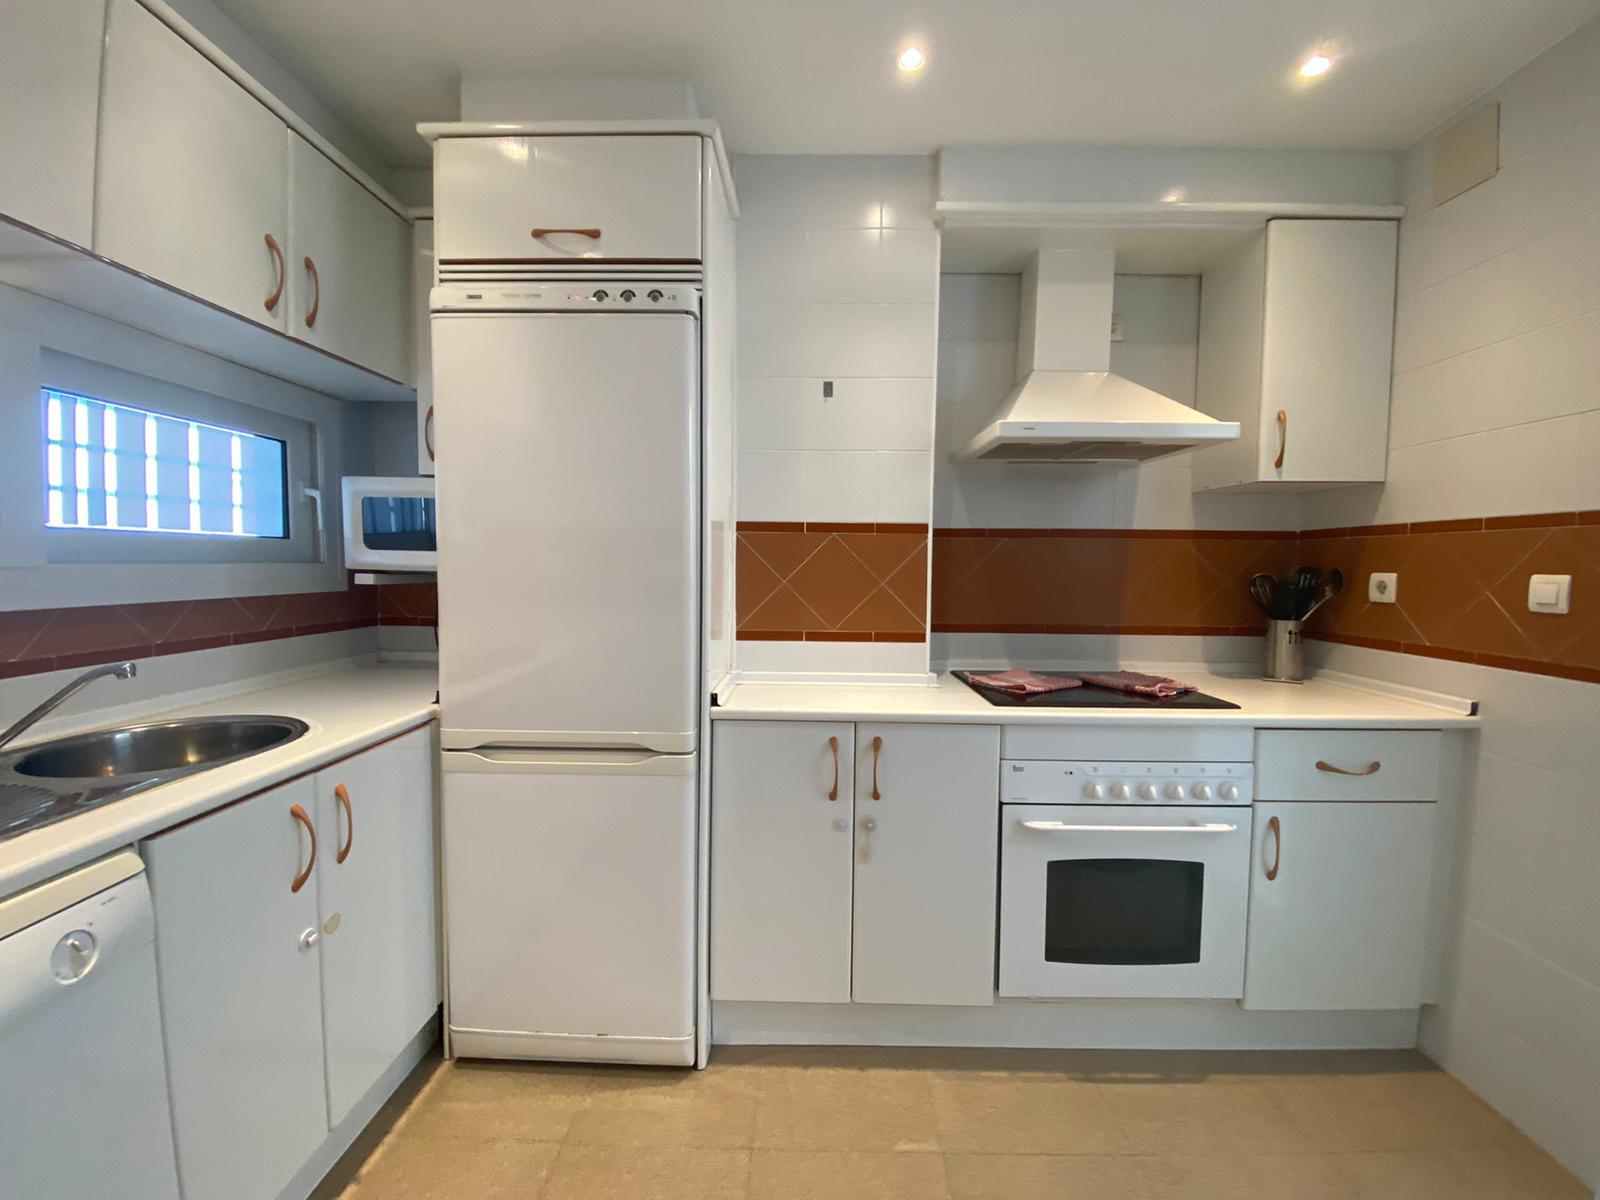 Imagen 24 del Apartamento Turístico, Ático 3 Levante, Frontal (4d+2b), Punta del Moral (HUELVA), Paseo de la Cruz nº22